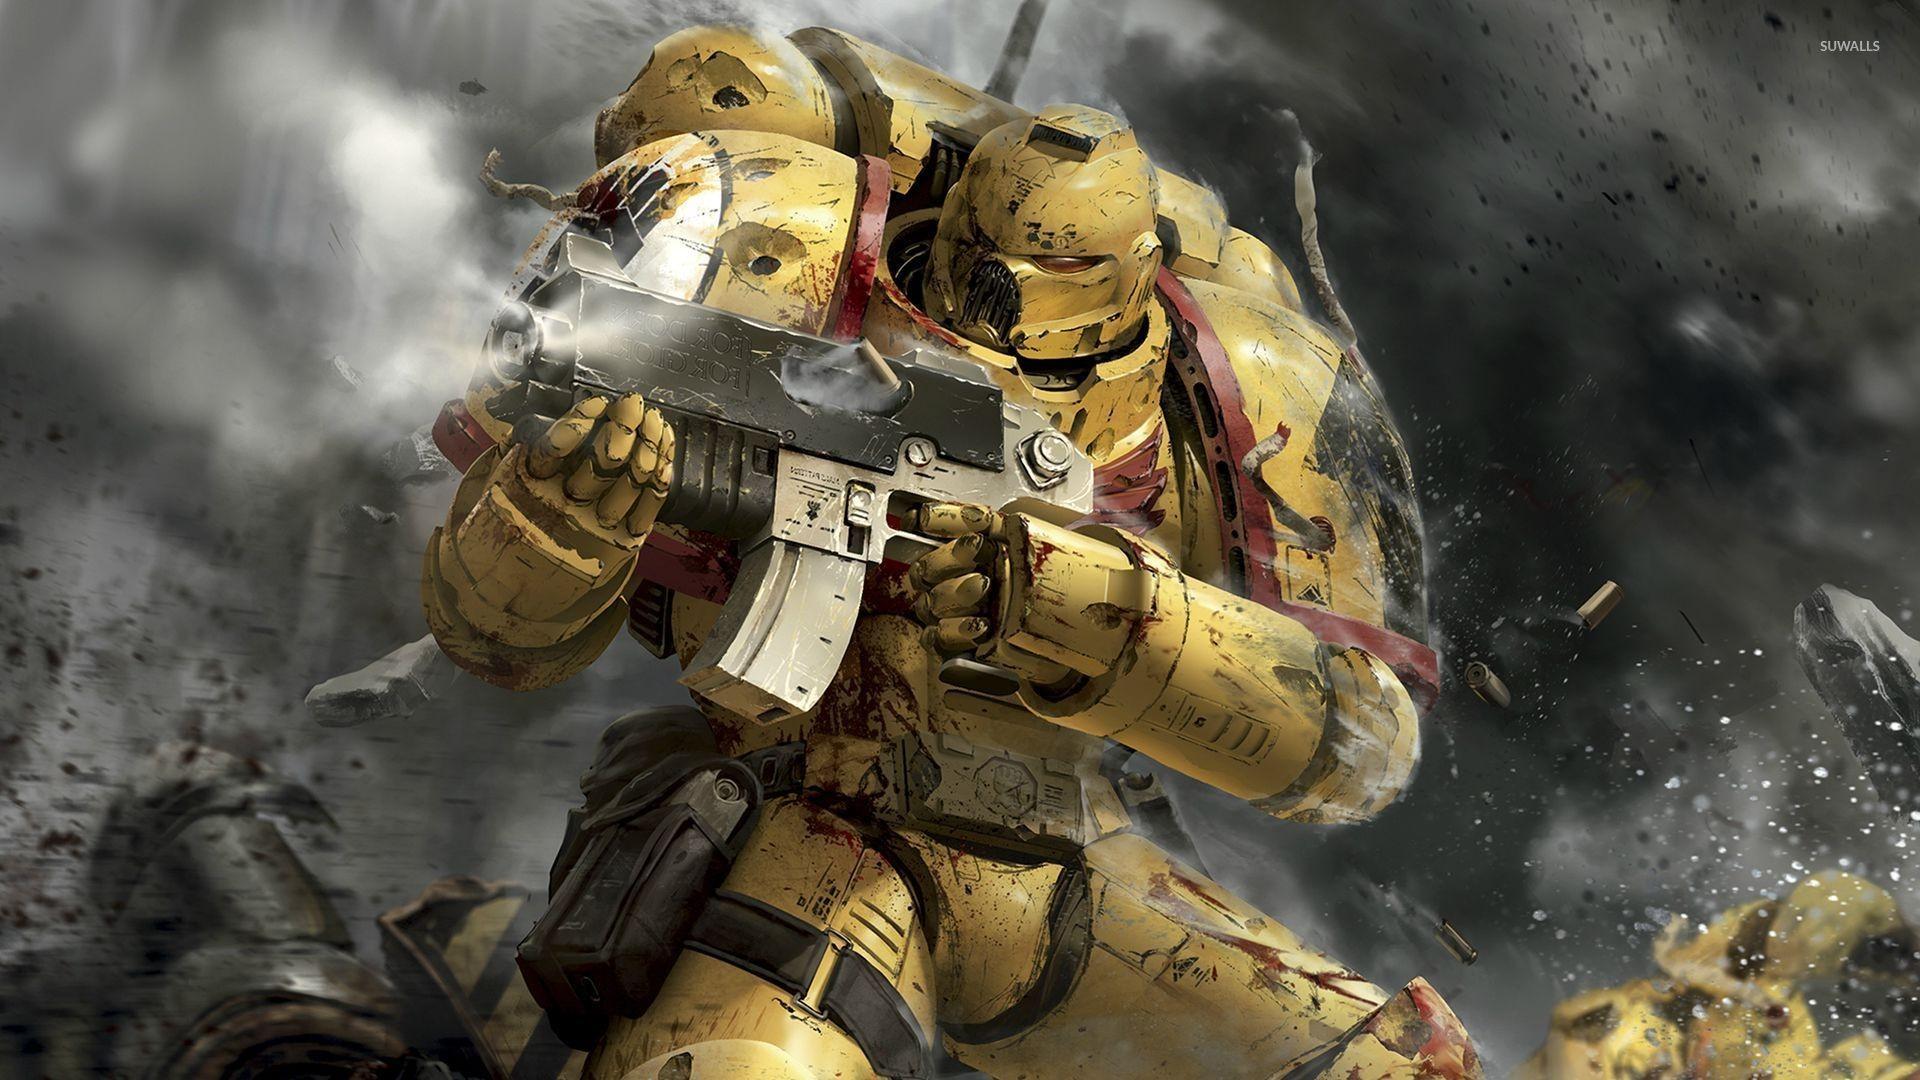 Warhammer 40k Eldar Hd1 Desktop Wallpaper Picture | HD Walls | Find .